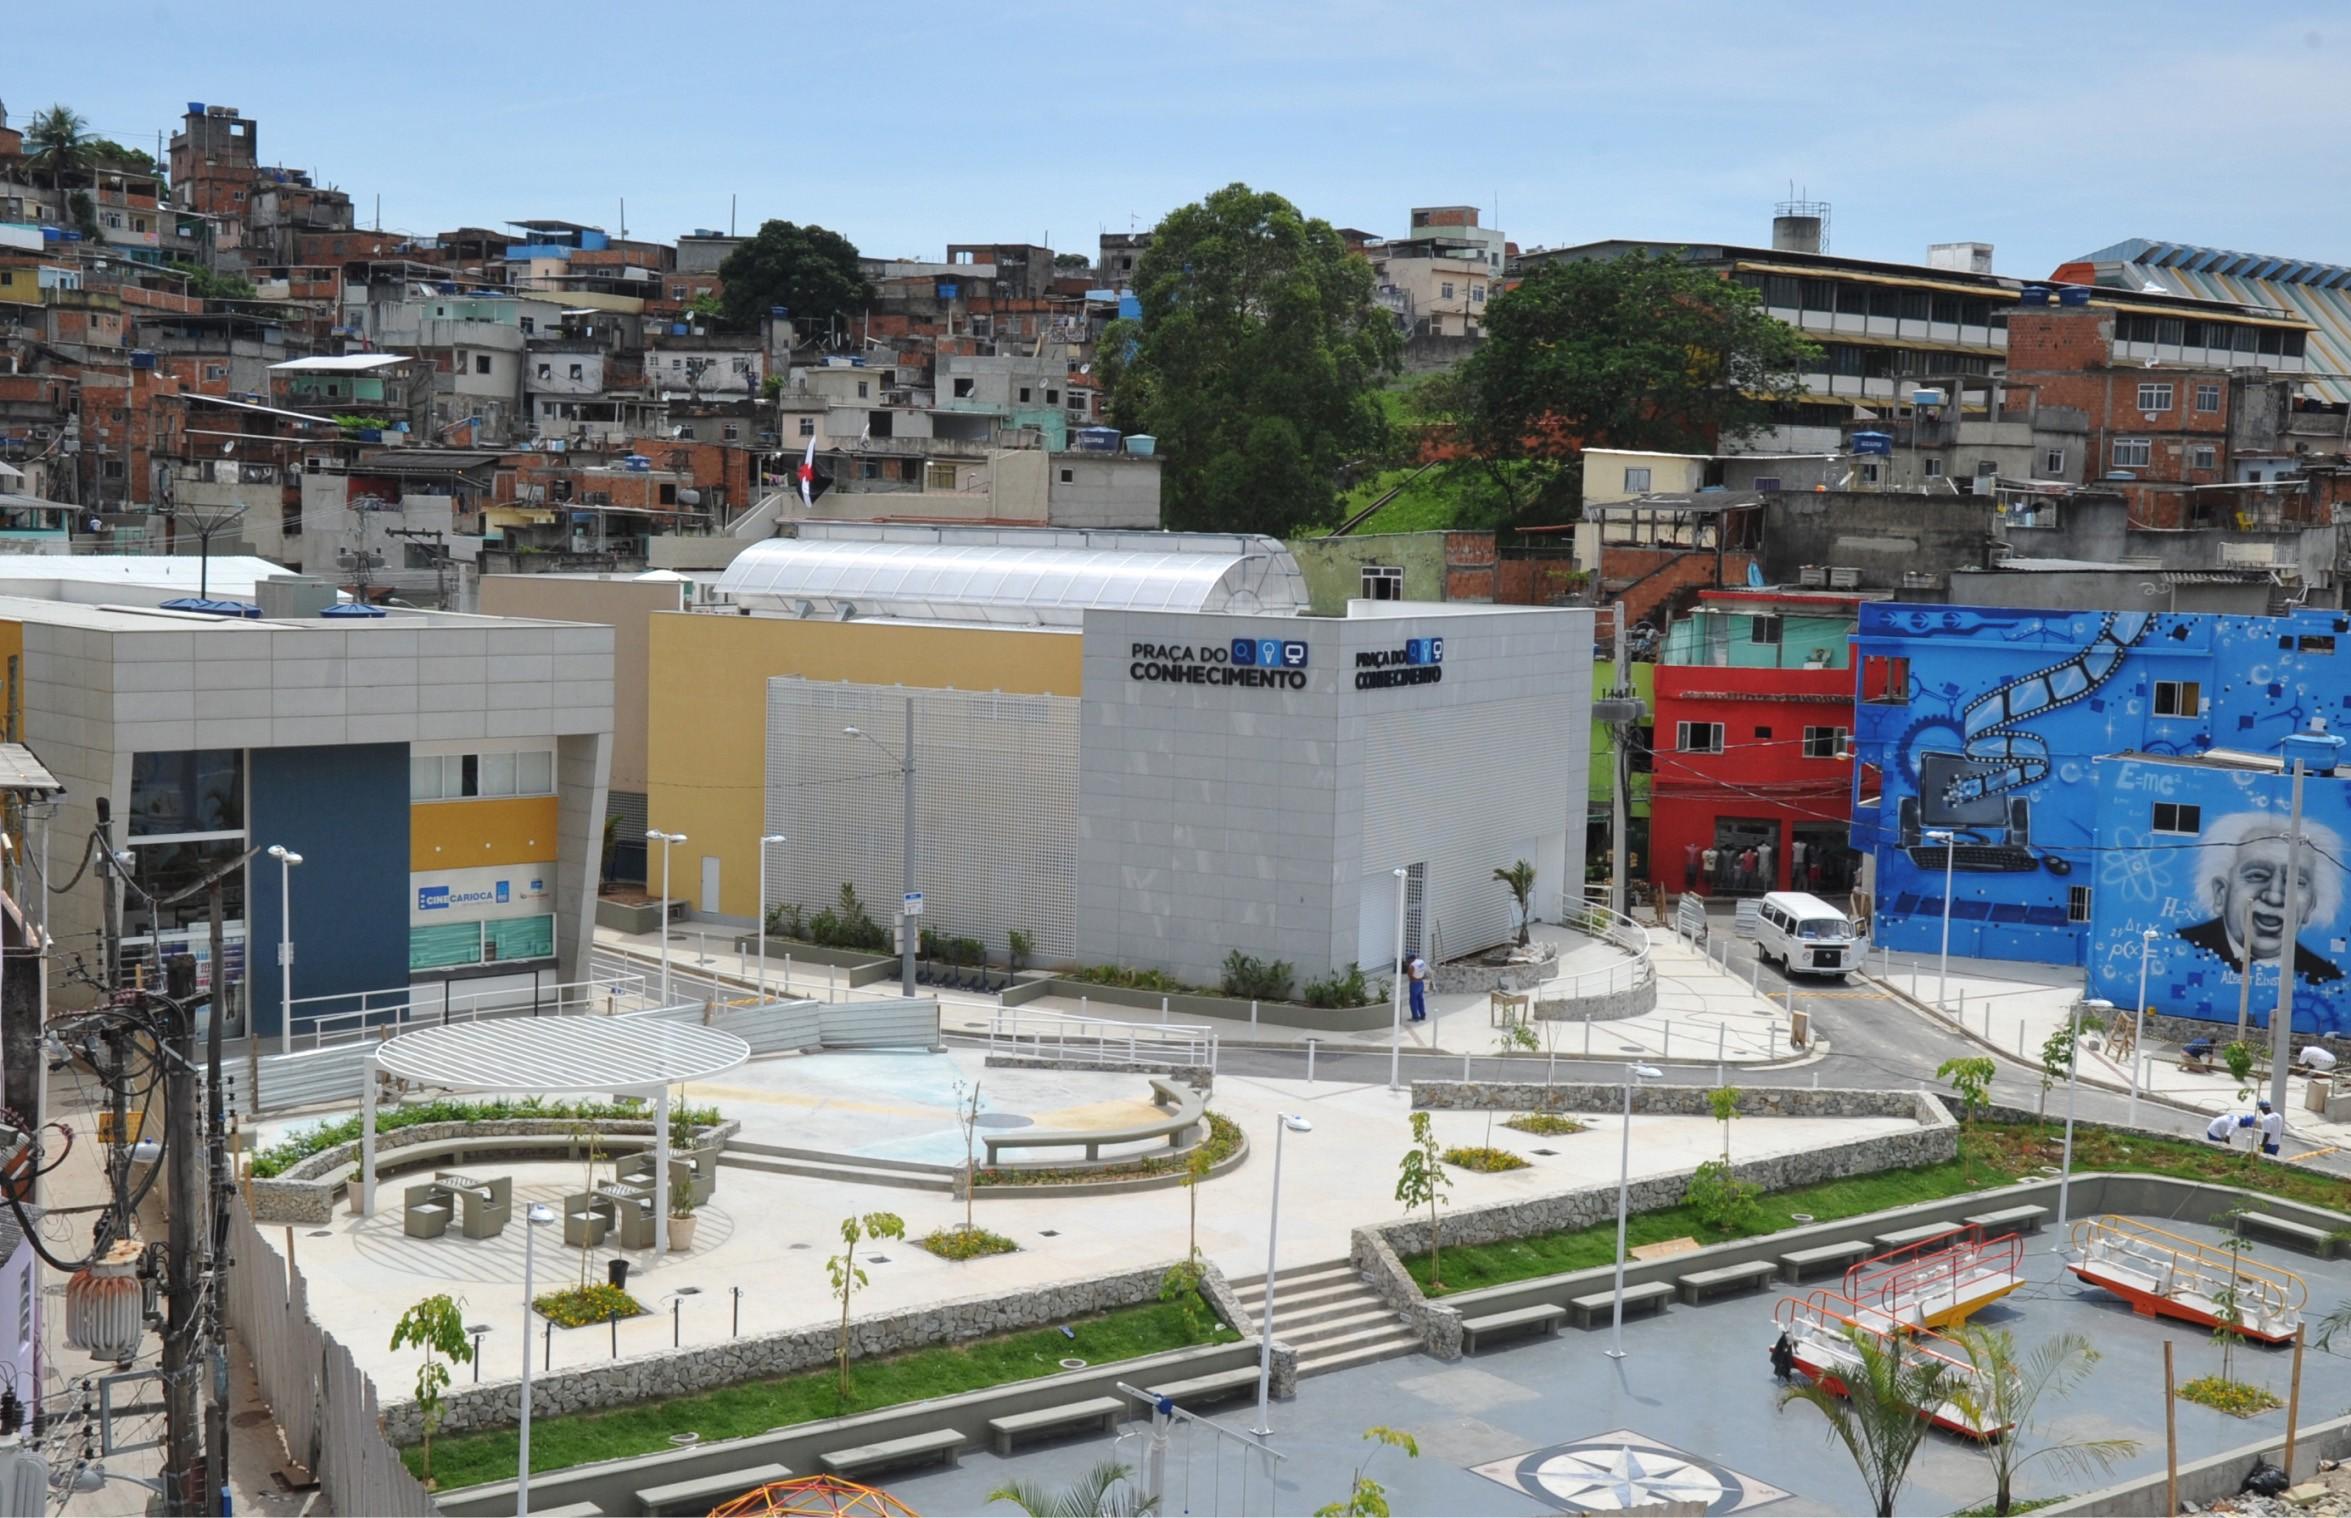 Os programas de urbanização de favelas no Rio de Janeiro